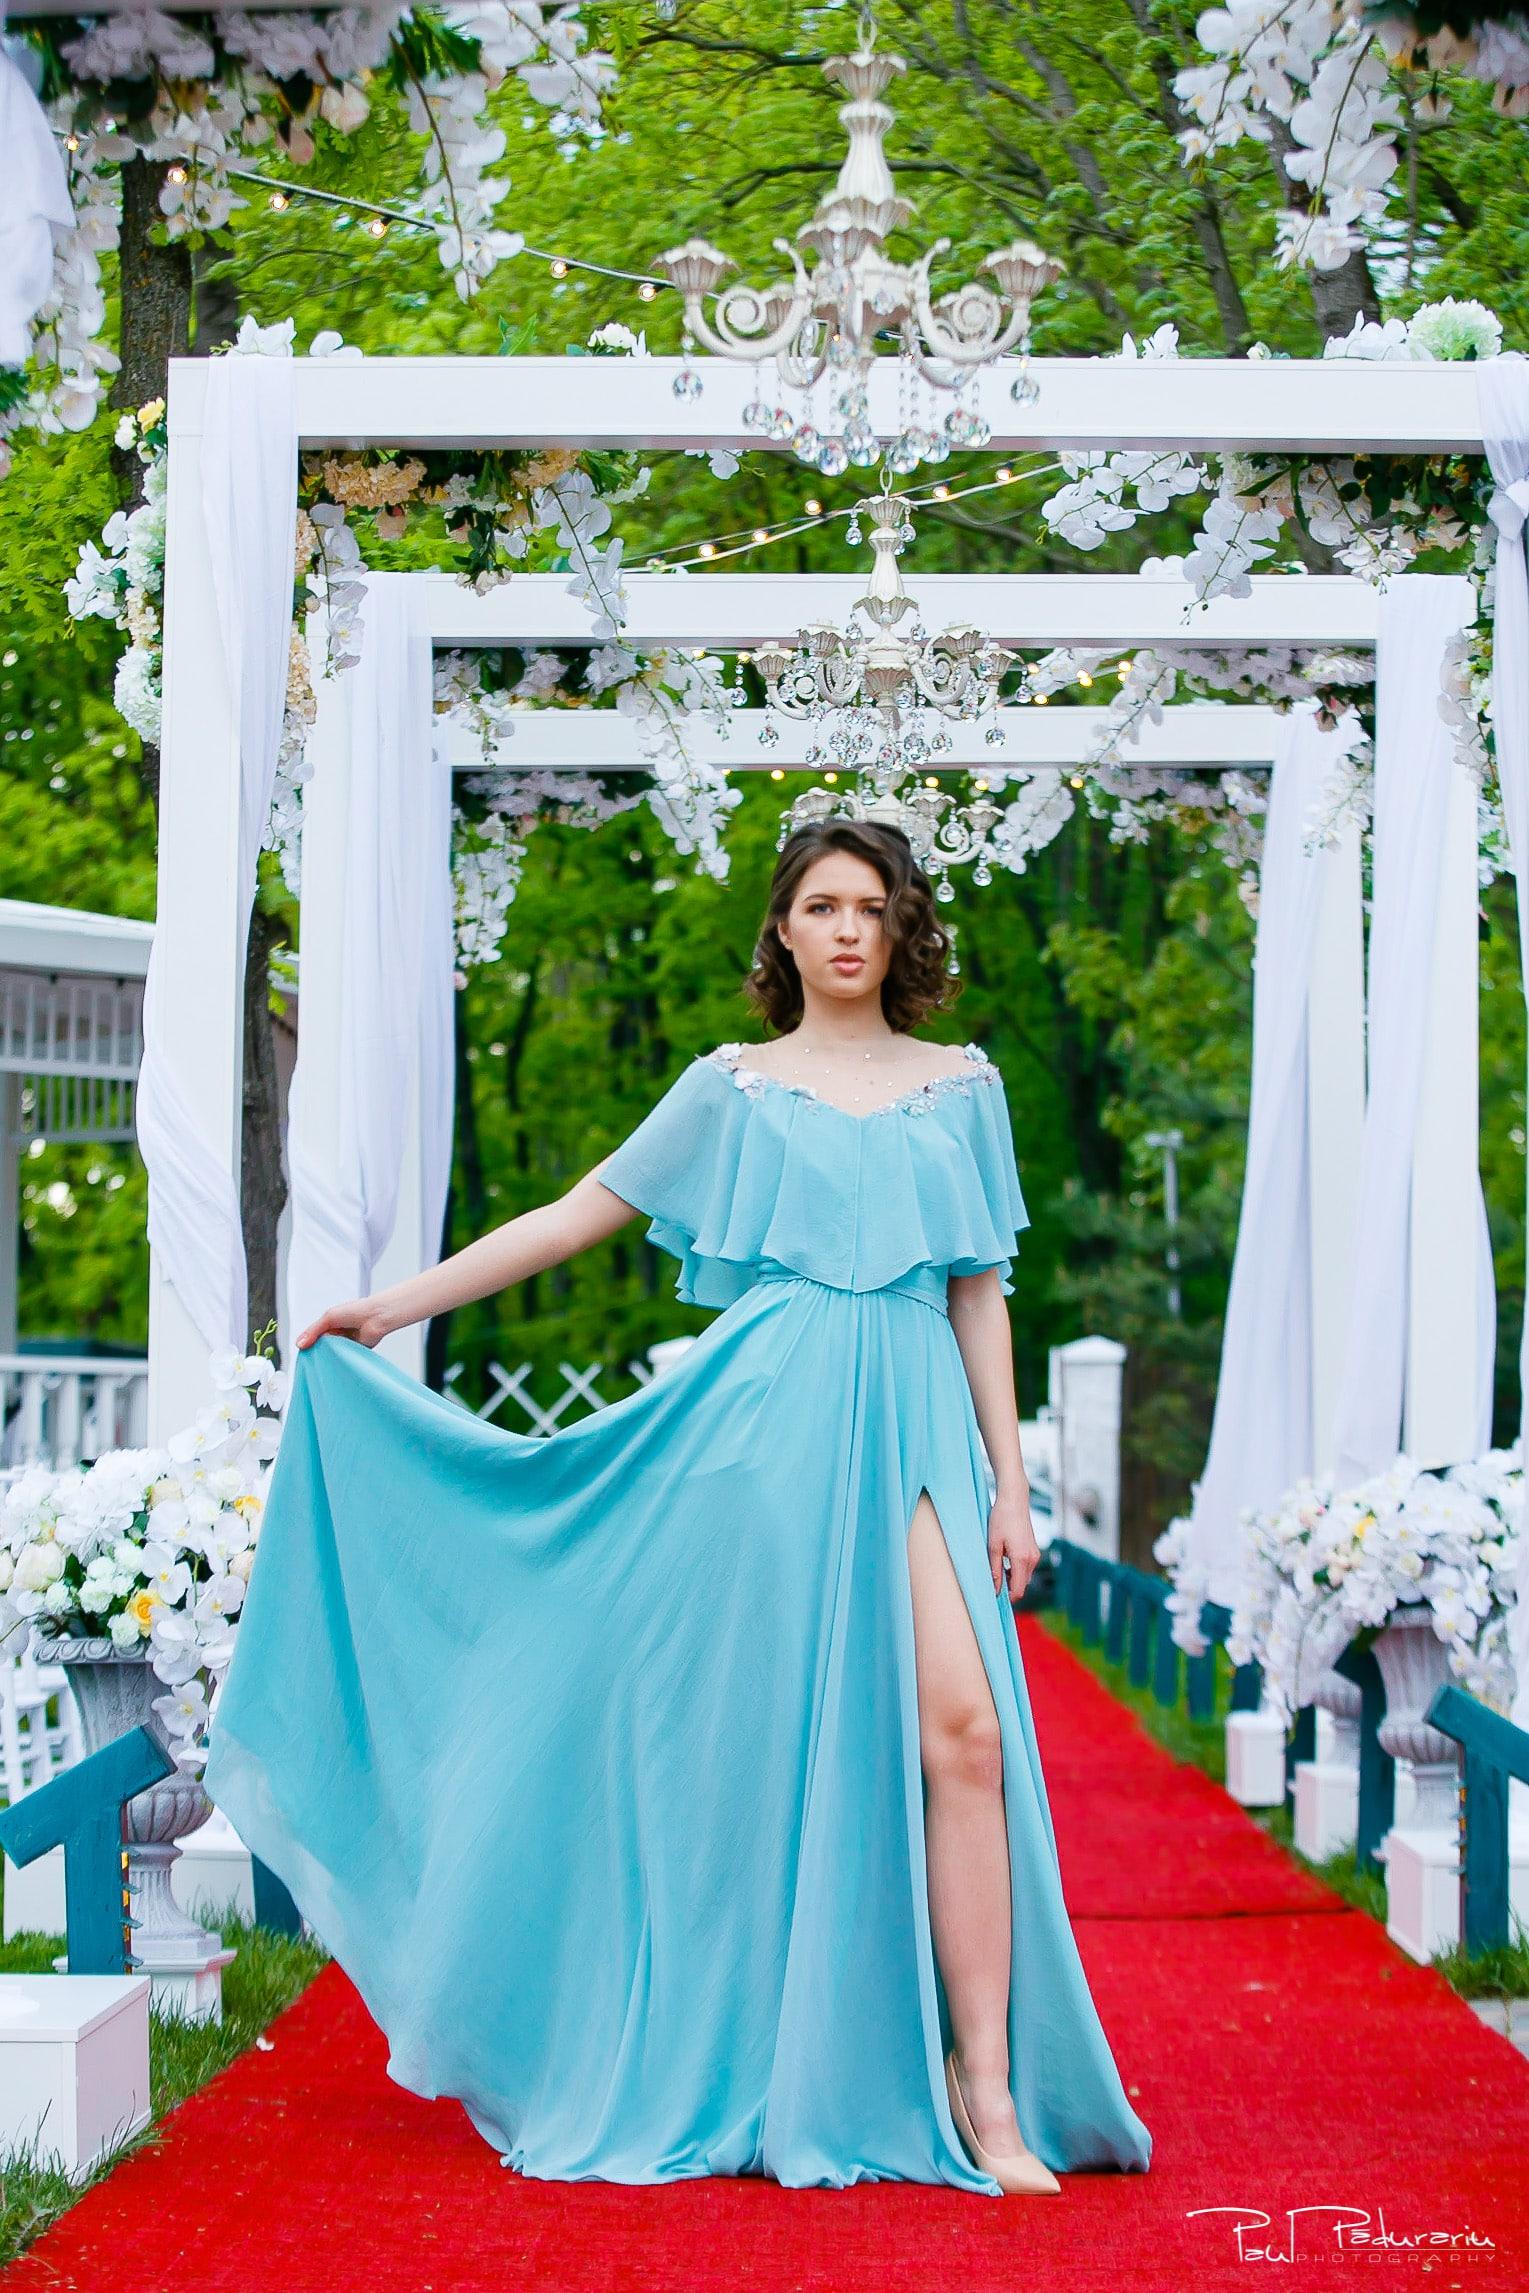 Nunta de proba Elysium Iasi 2019 paul padurariu fotograf nunta Iasi 56